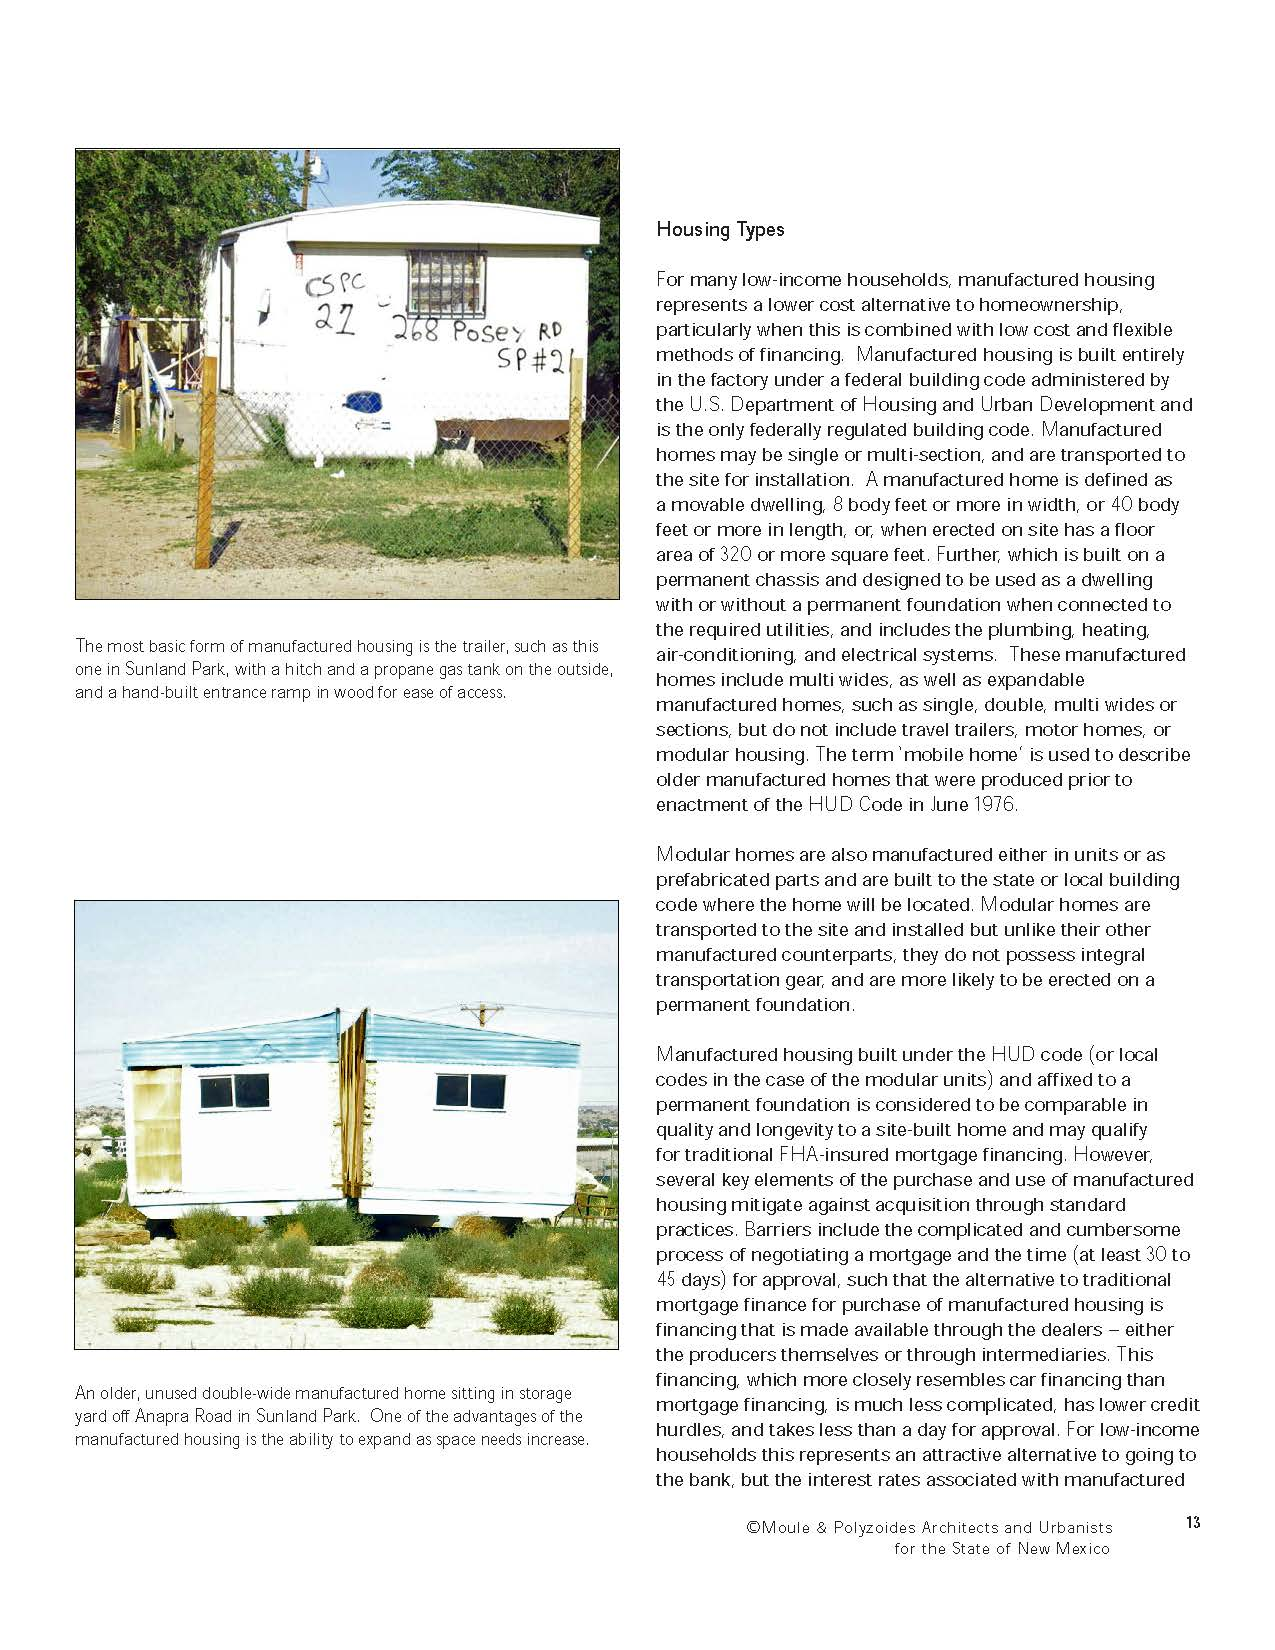 colonias_Page_13.jpg